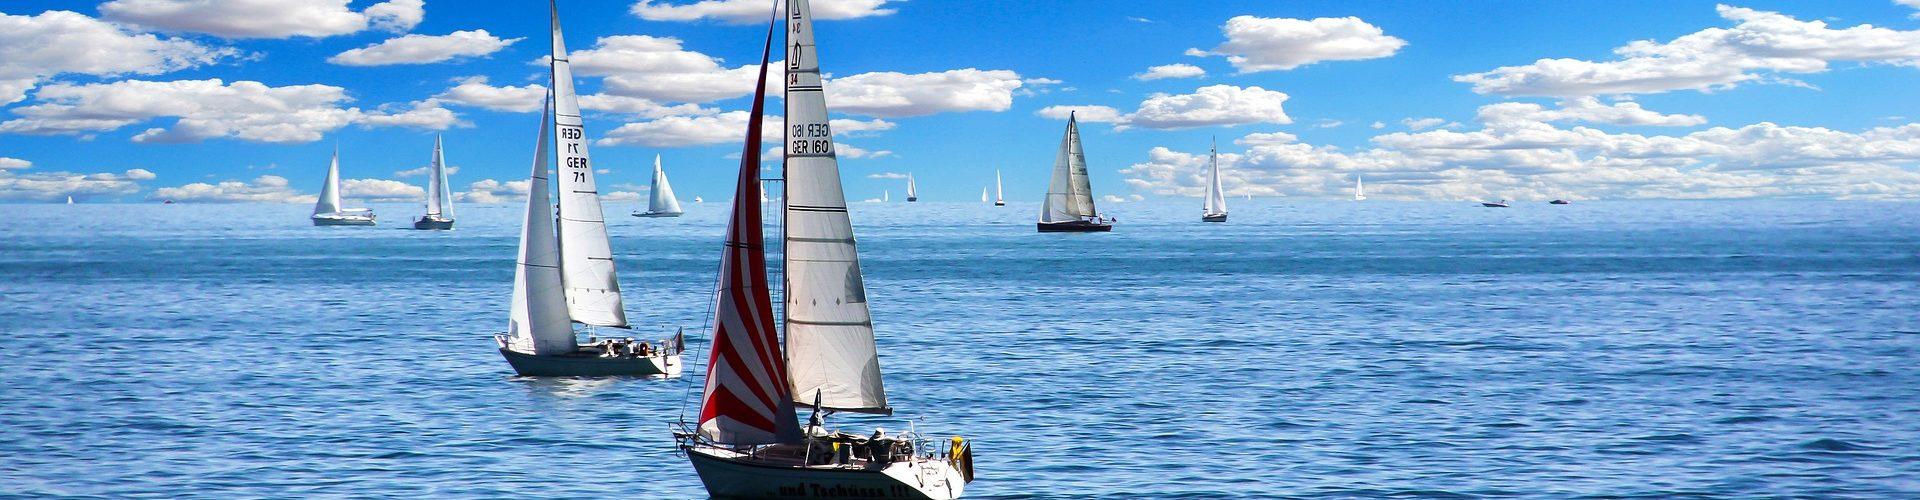 segeln lernen in Artlenburg segelschein machen in Artlenburg 1920x500 - Segeln lernen in Artlenburg